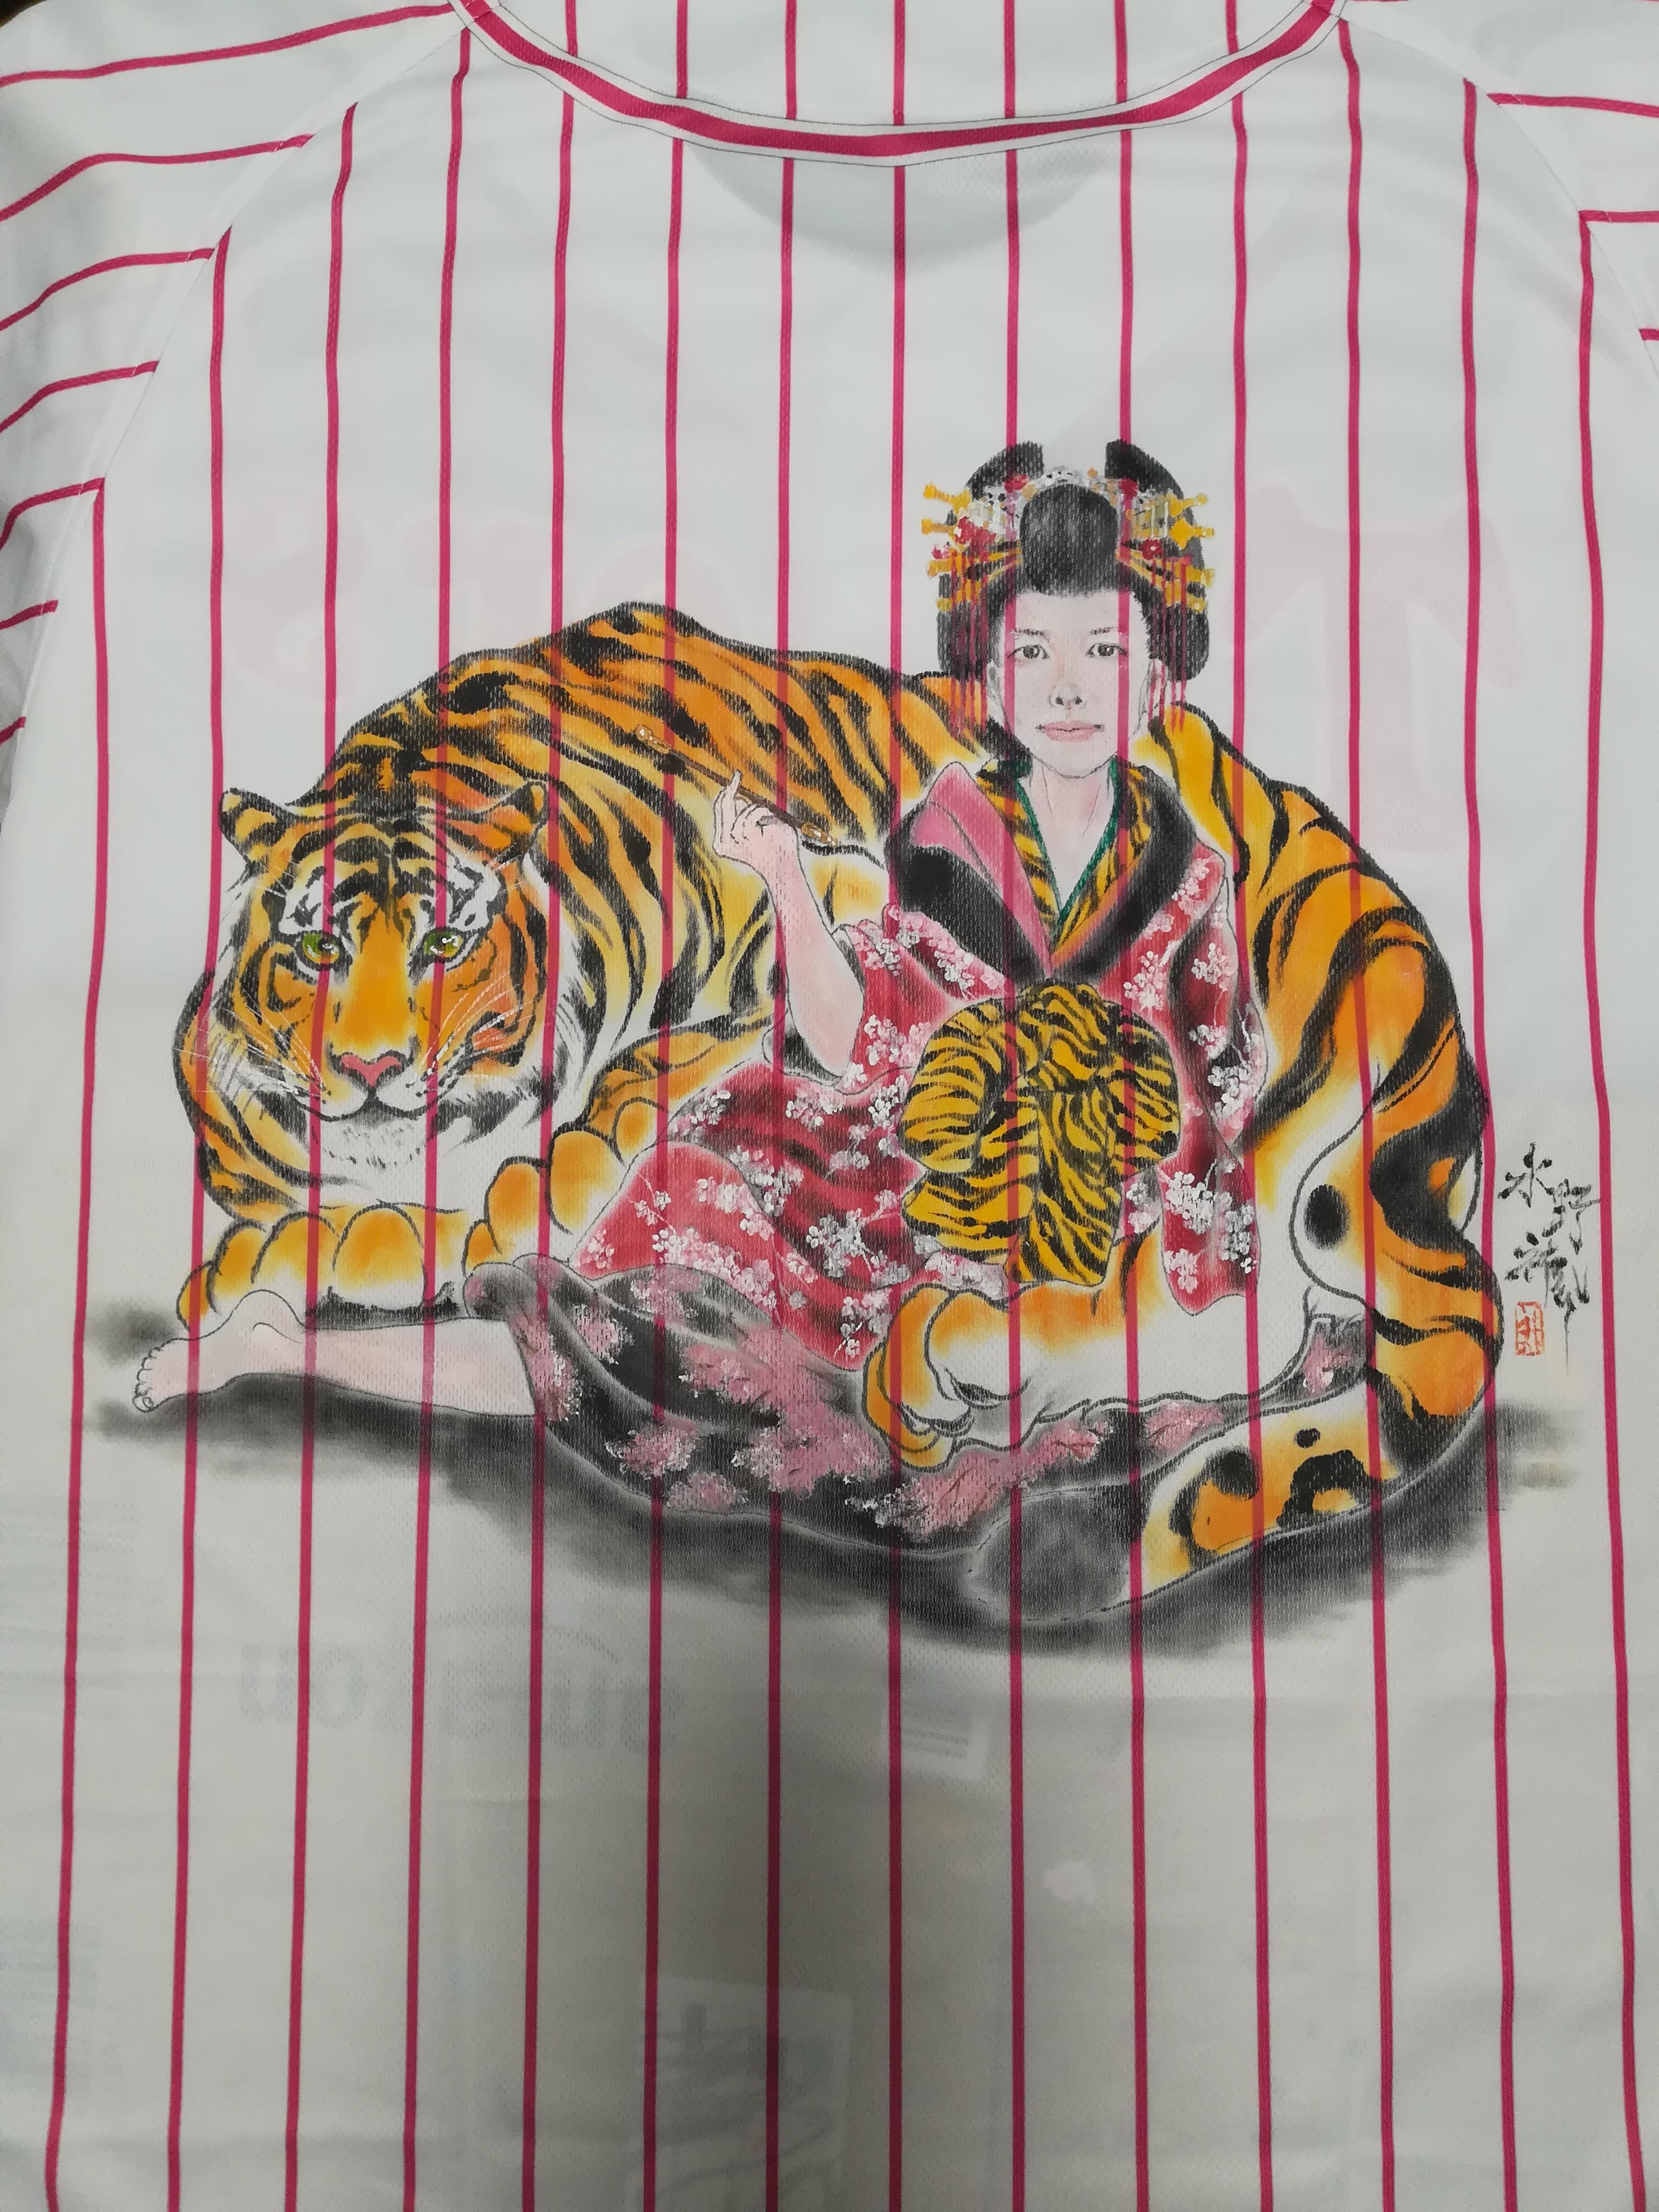 阪神タイガース 手描きユニフォーム 花魁さん